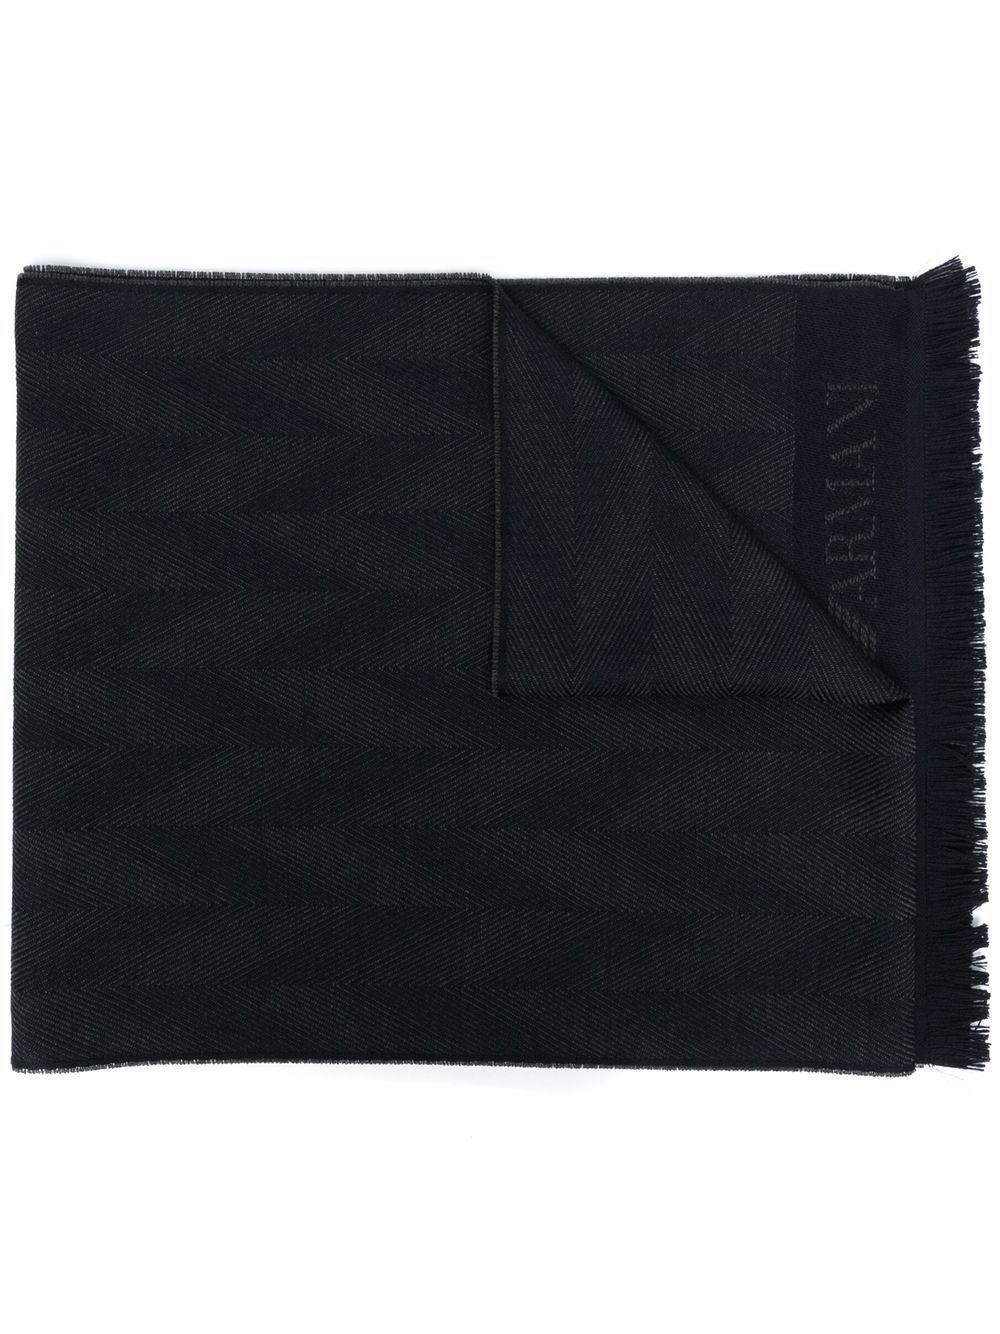 Sciarpa in lana logo allover